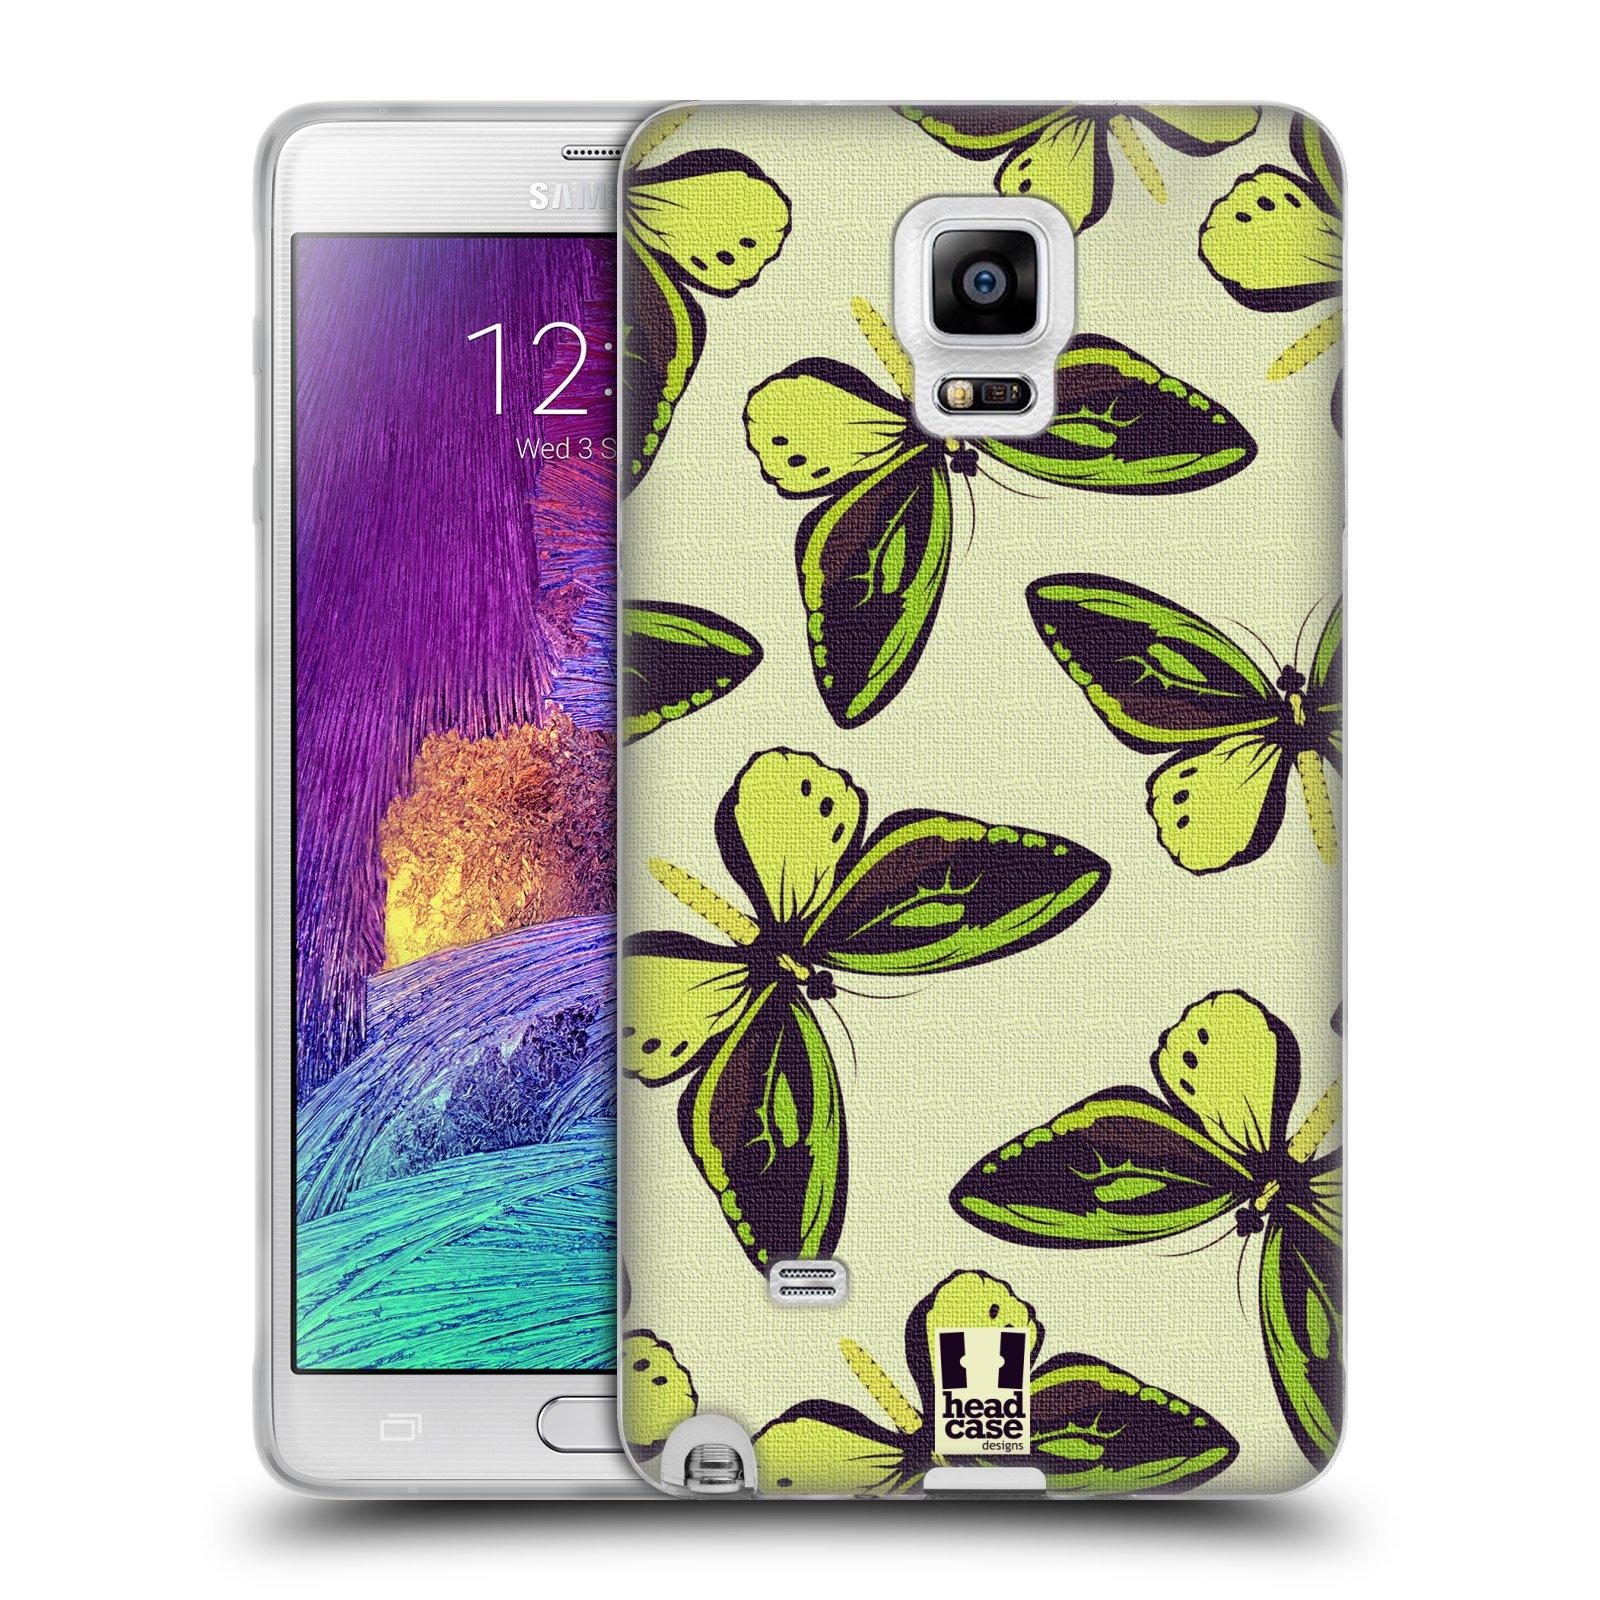 HEAD CASE silikonový obal na mobil Samsung Galaxy Note 4 (N910) vzor Motýlci Poseidon zelená